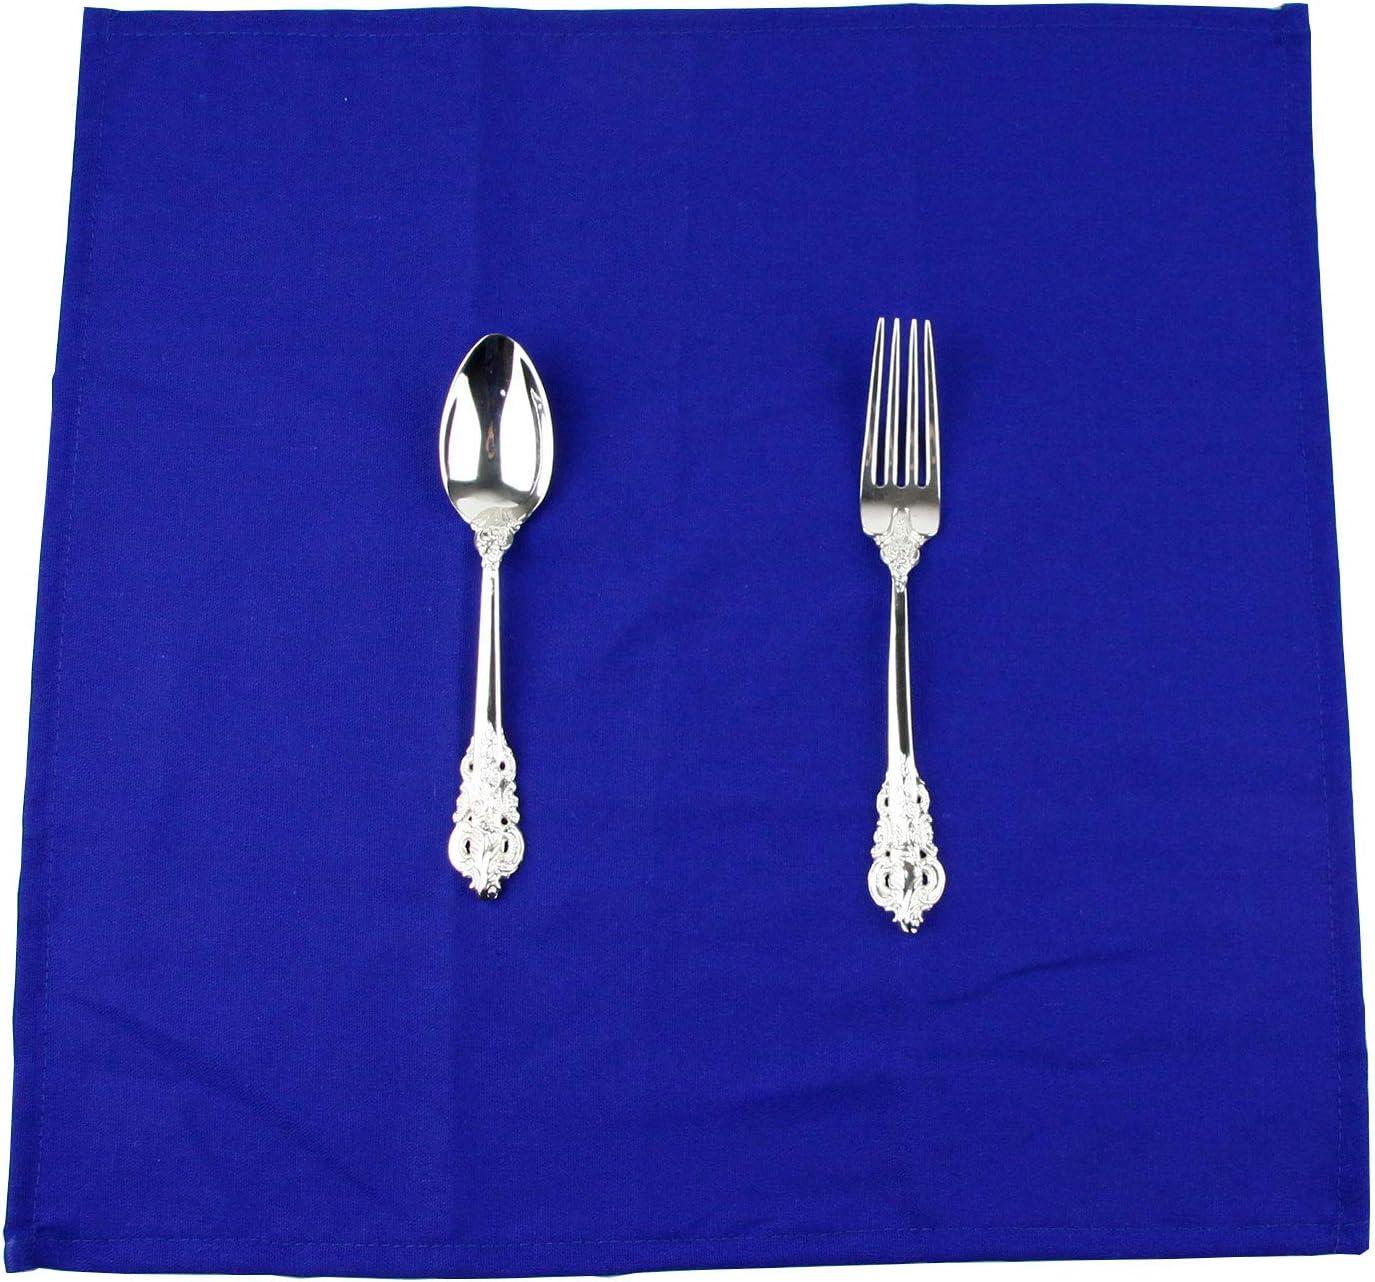 f/ür Veranstaltungen und den Heimgebrauch 40 x 40 cm INFEI weich Leinen Baumwolle Abendessen Cloth Servietten Blaugr/ün 12 St/ück